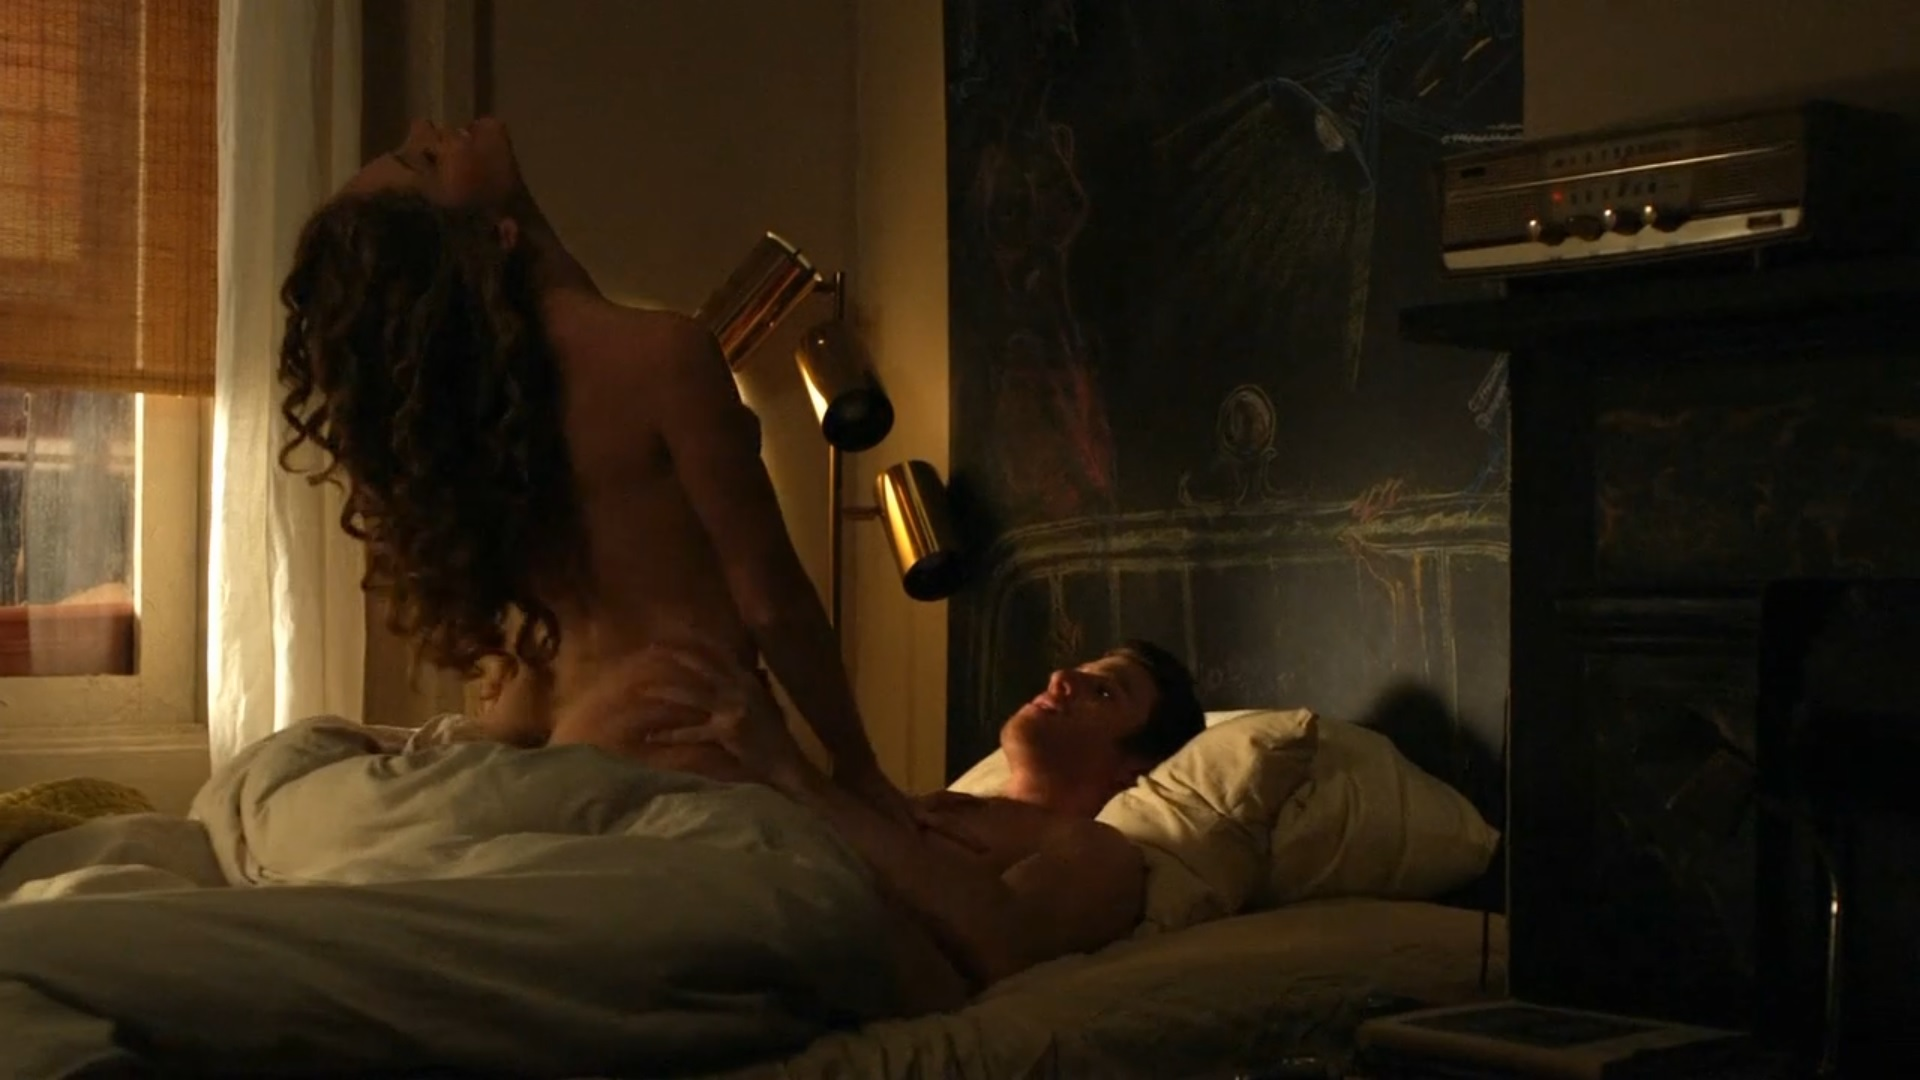 Naked scene girl tumblr